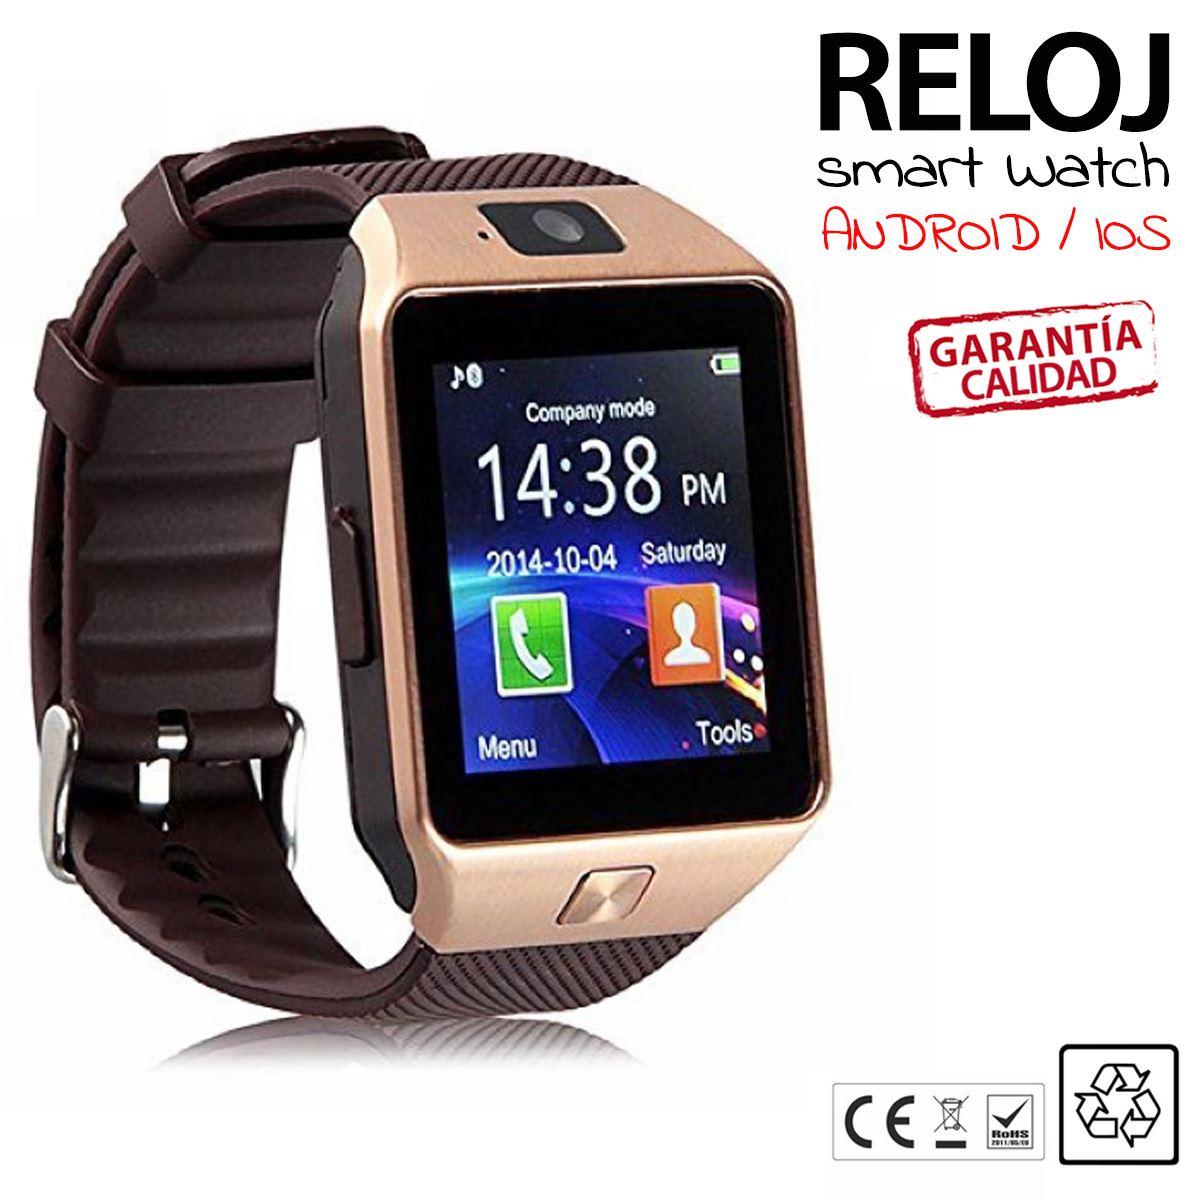 DZ09 Telefono Reloj Inteligente Bluetooth SmartWatch para Android IOS SIM DORADO